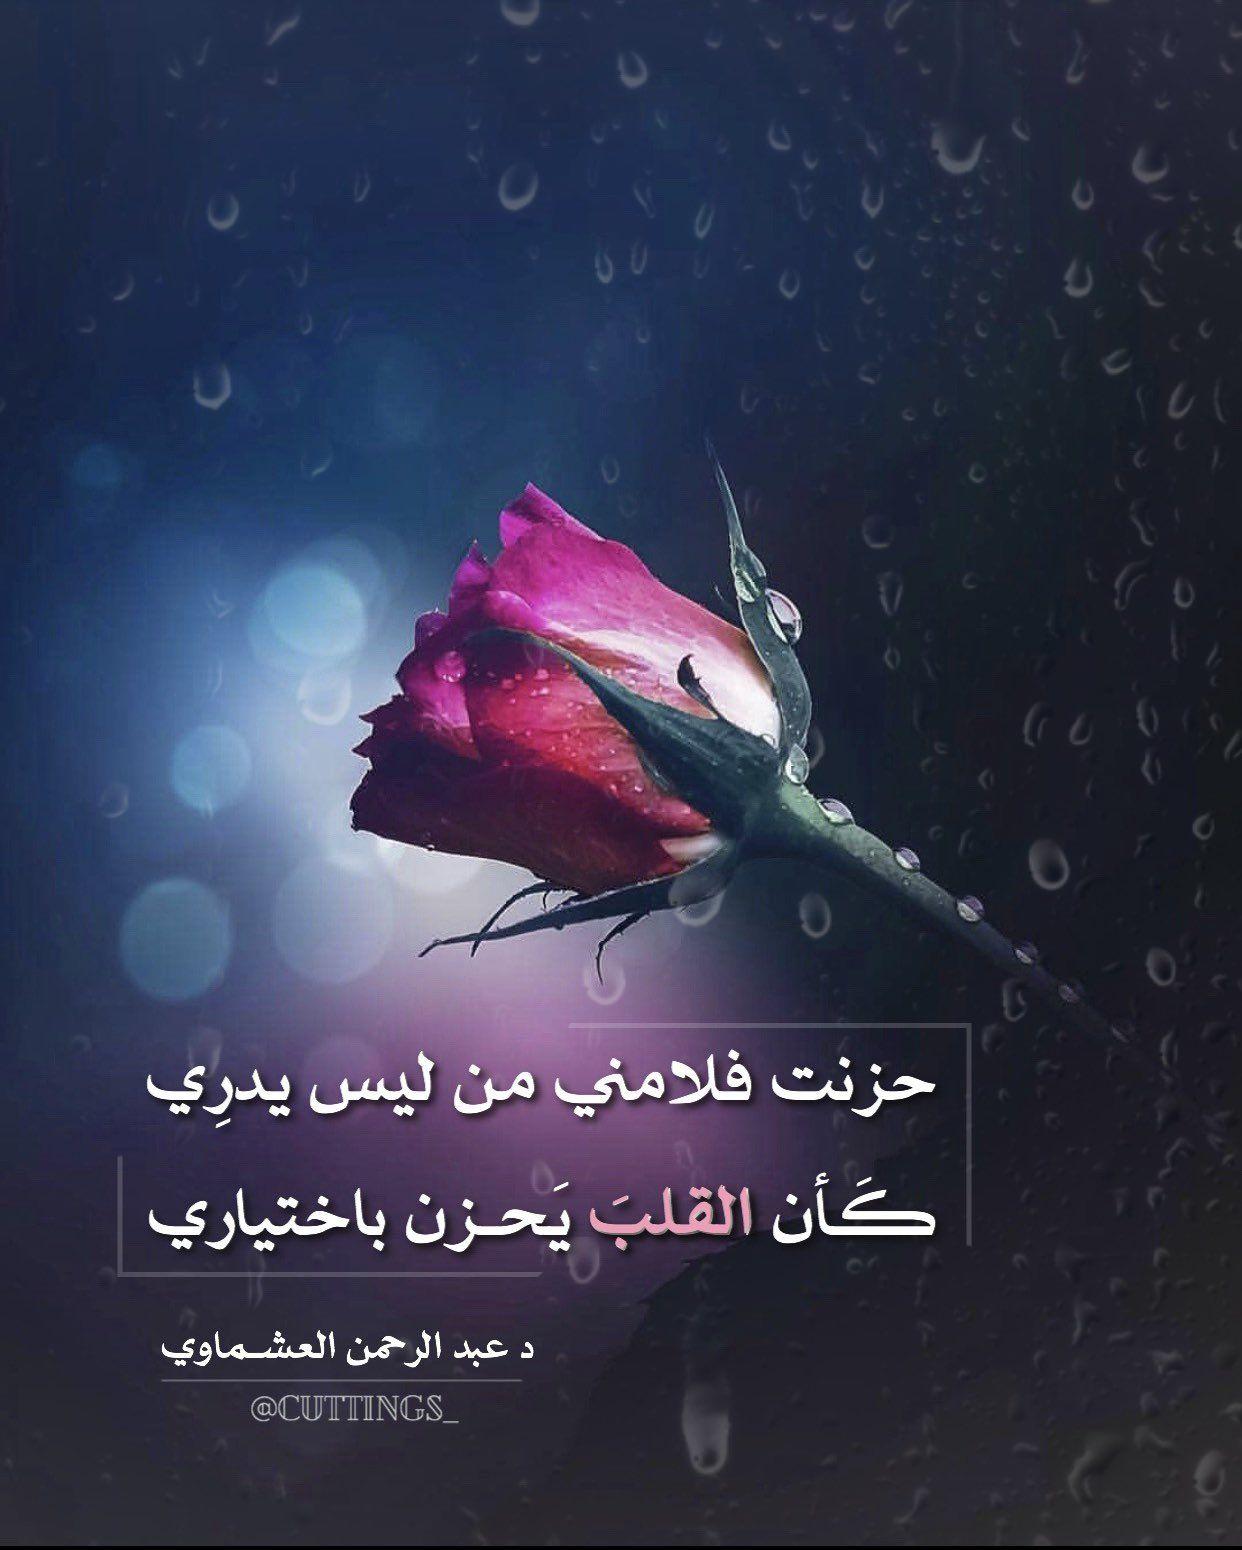 حزنت فلامني من ليس يدر ي ك أن القلب ي حزن باختياري Love Words New Words Words